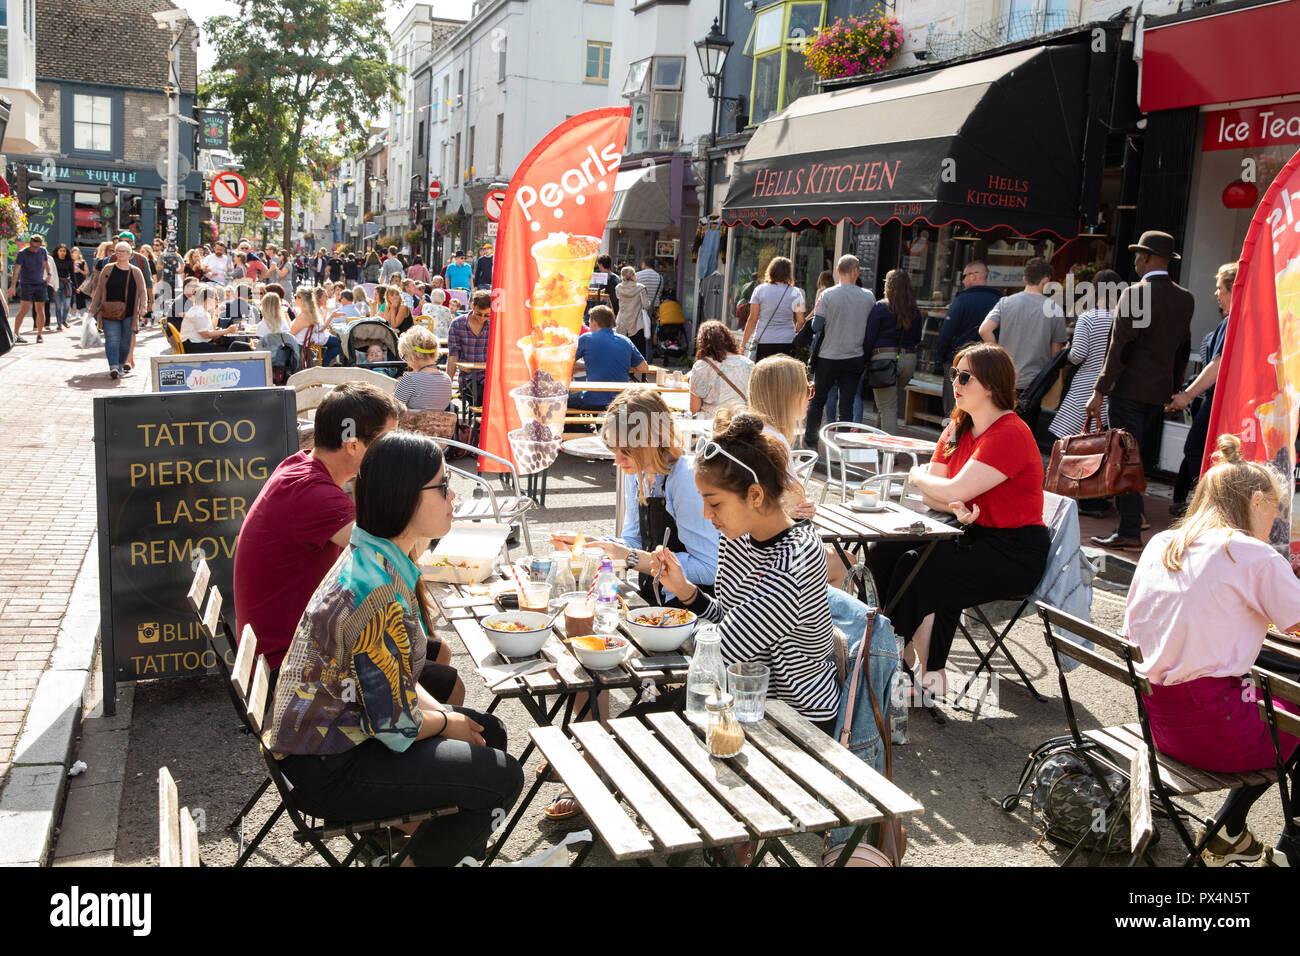 Alfresco dining in Brighton, East Sussex, UK. - Stock Image